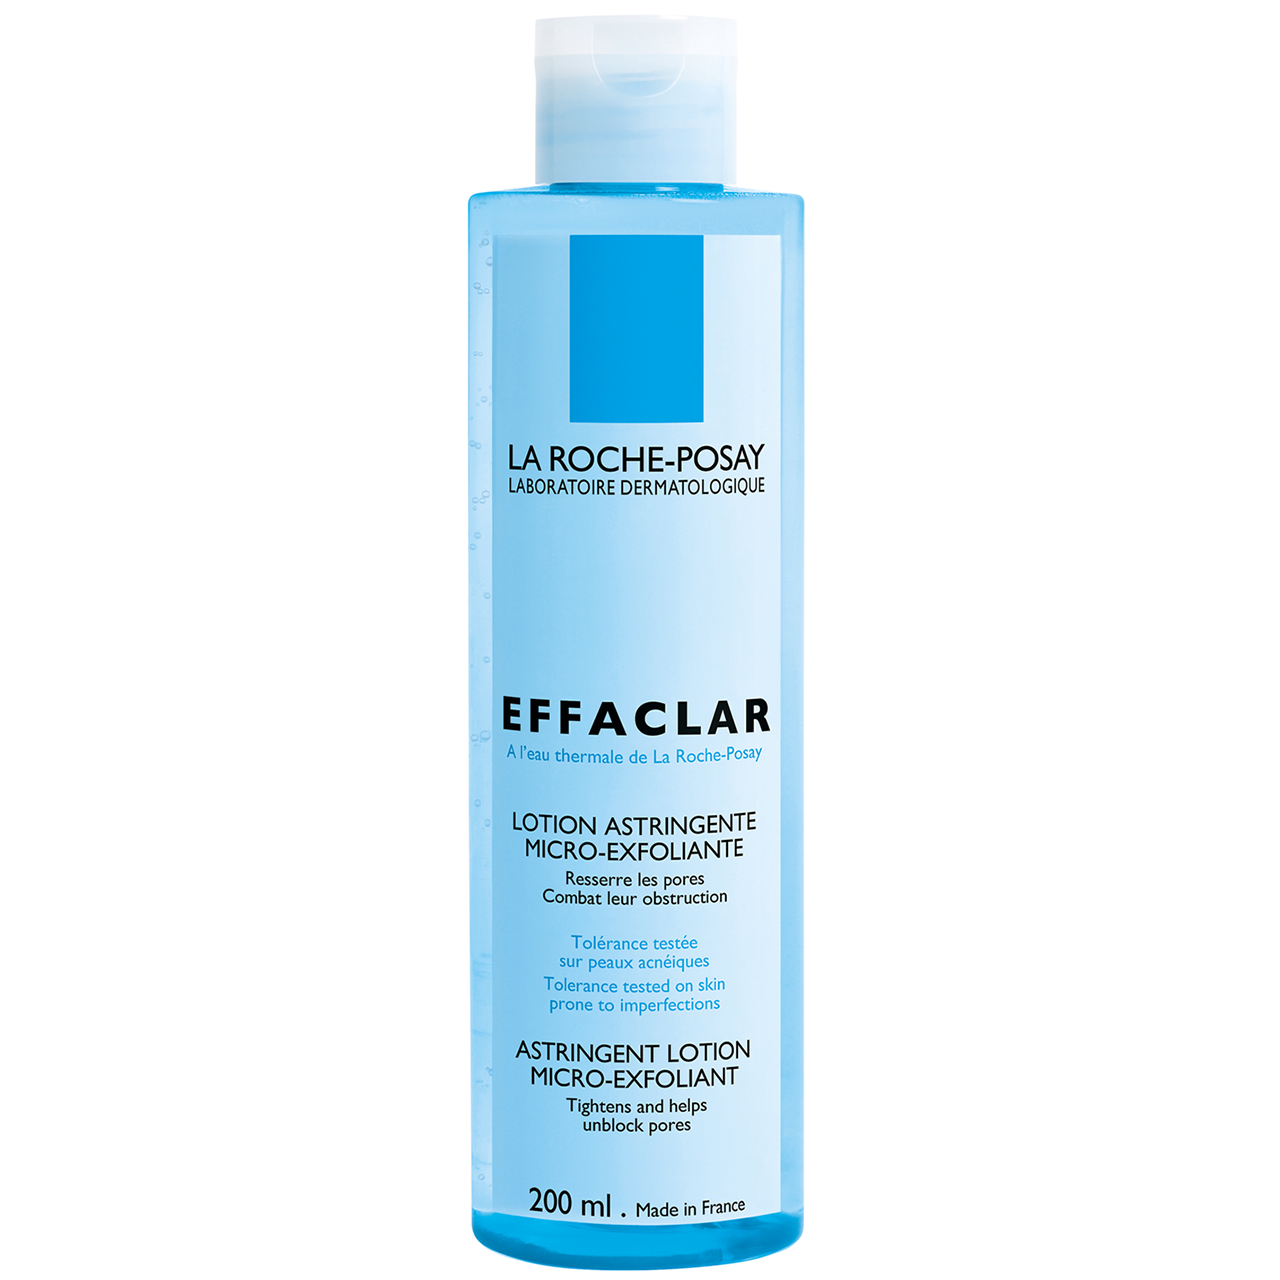 محلول پاک کننده آرایش لاروش پوزای کد 46 حجم 200 میلی لیتر